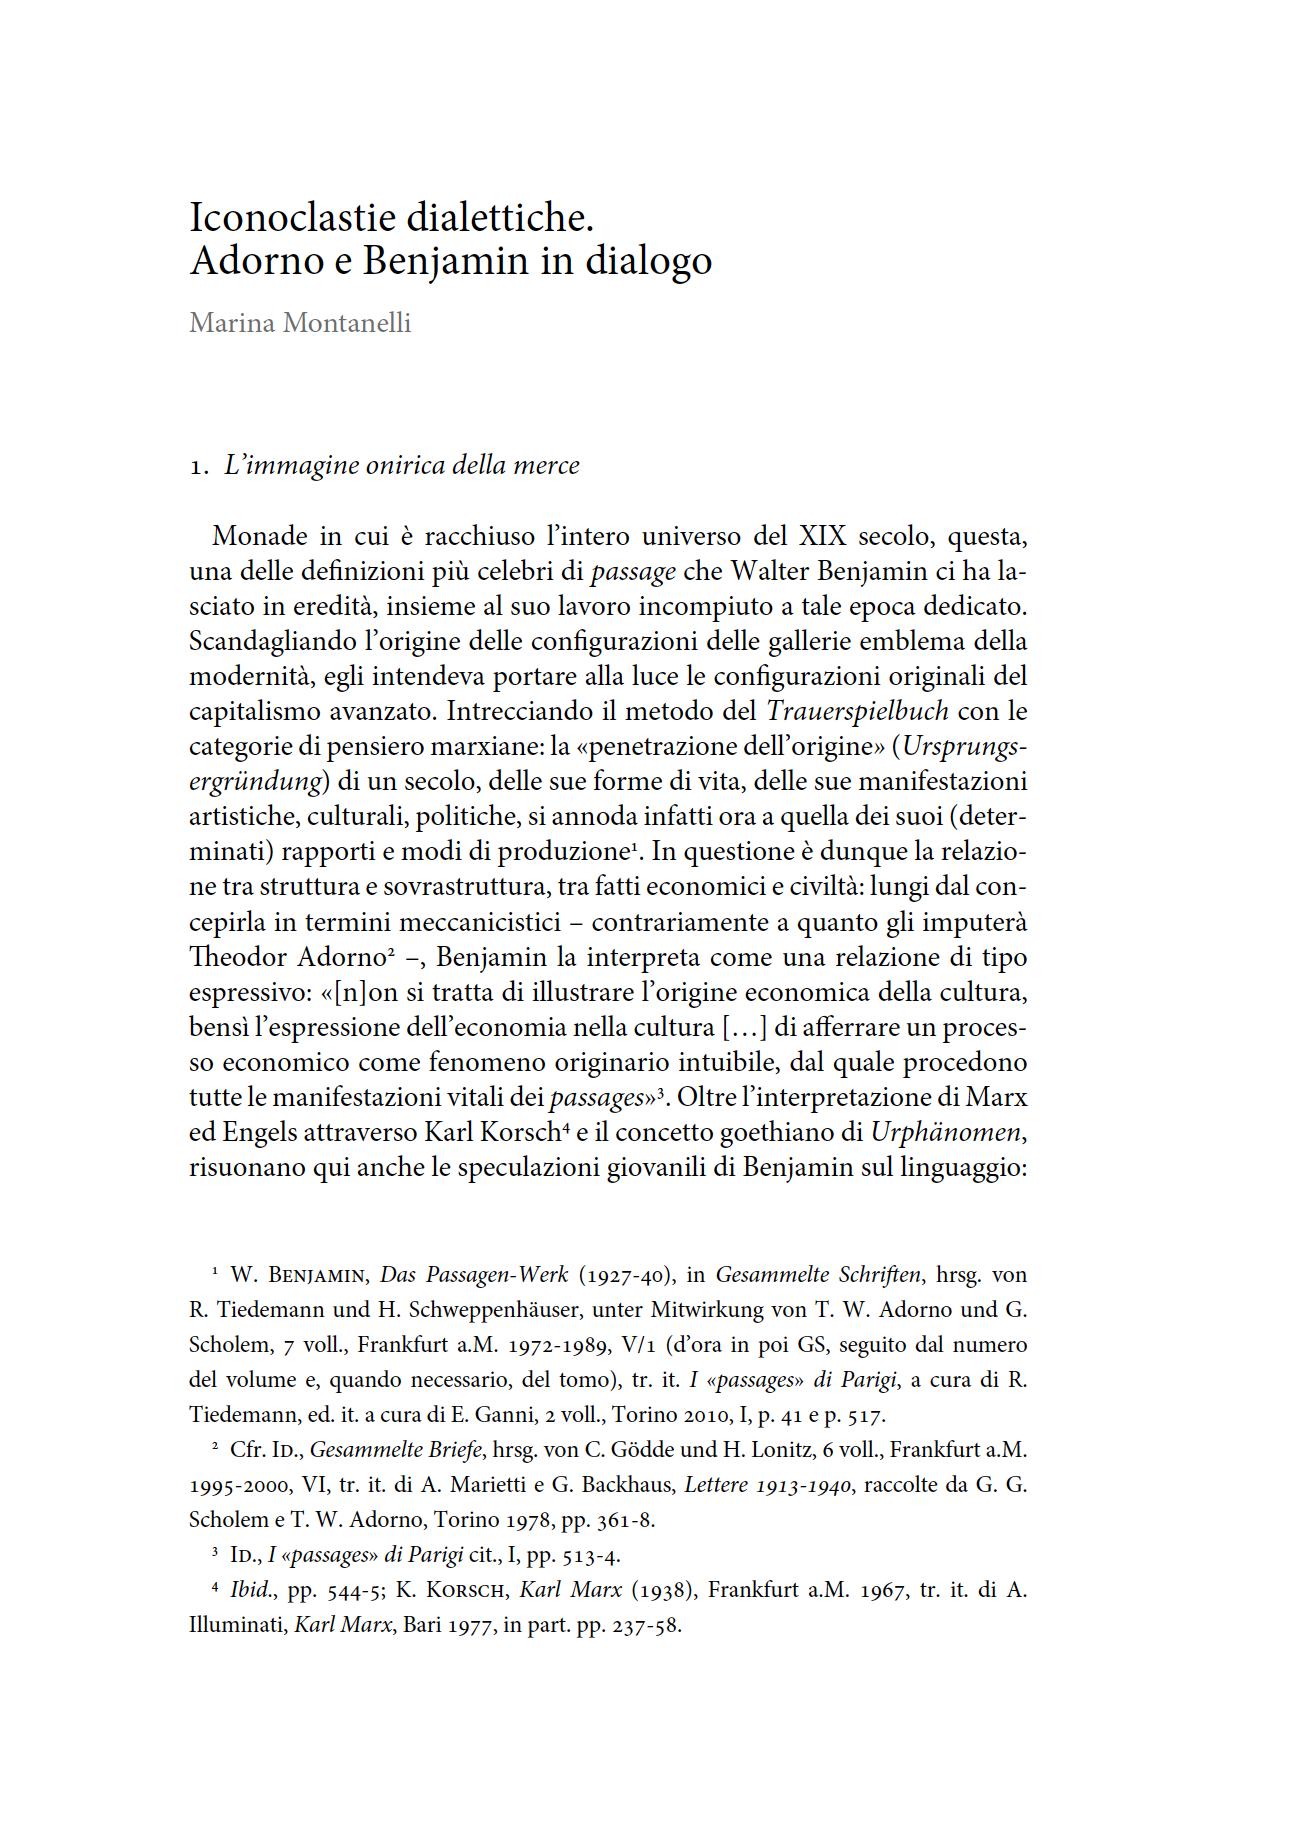 Iconoclastie dialettiche. Adorno e Benjamin in dialogo